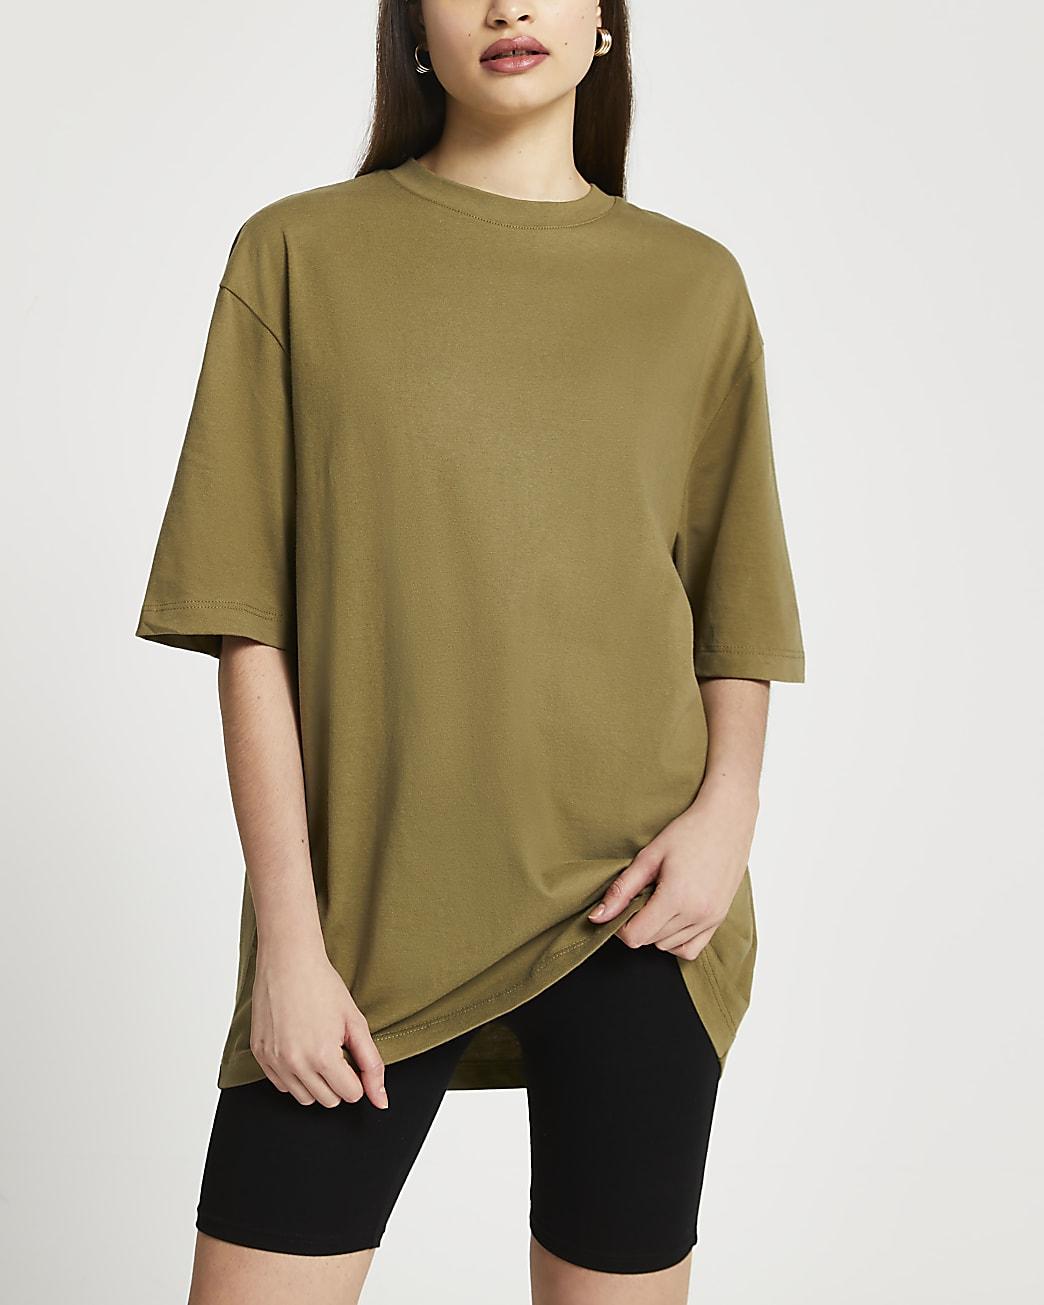 Khaki oversized short sleeve t-shirt